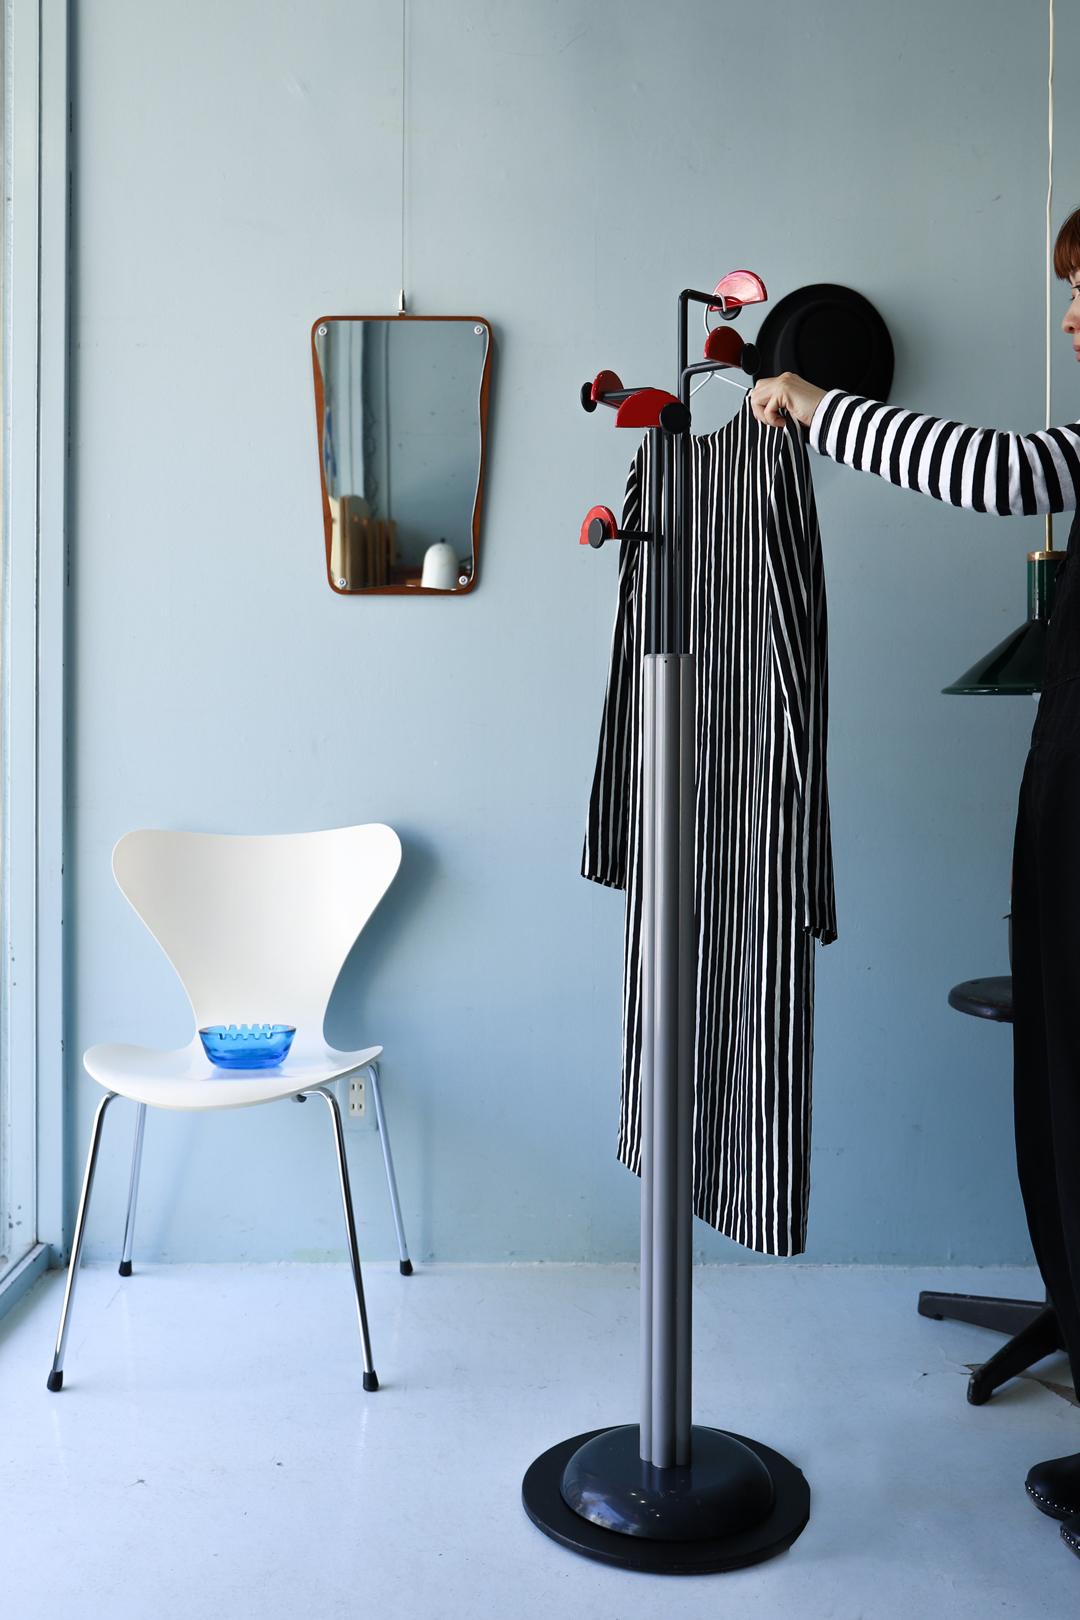 Italy Vintage Coat Hanger Rack Postmodern Design/イタリア ヴィンテージ コートハンガー ラック ポストモダン ミッドセンチュリー インテリア